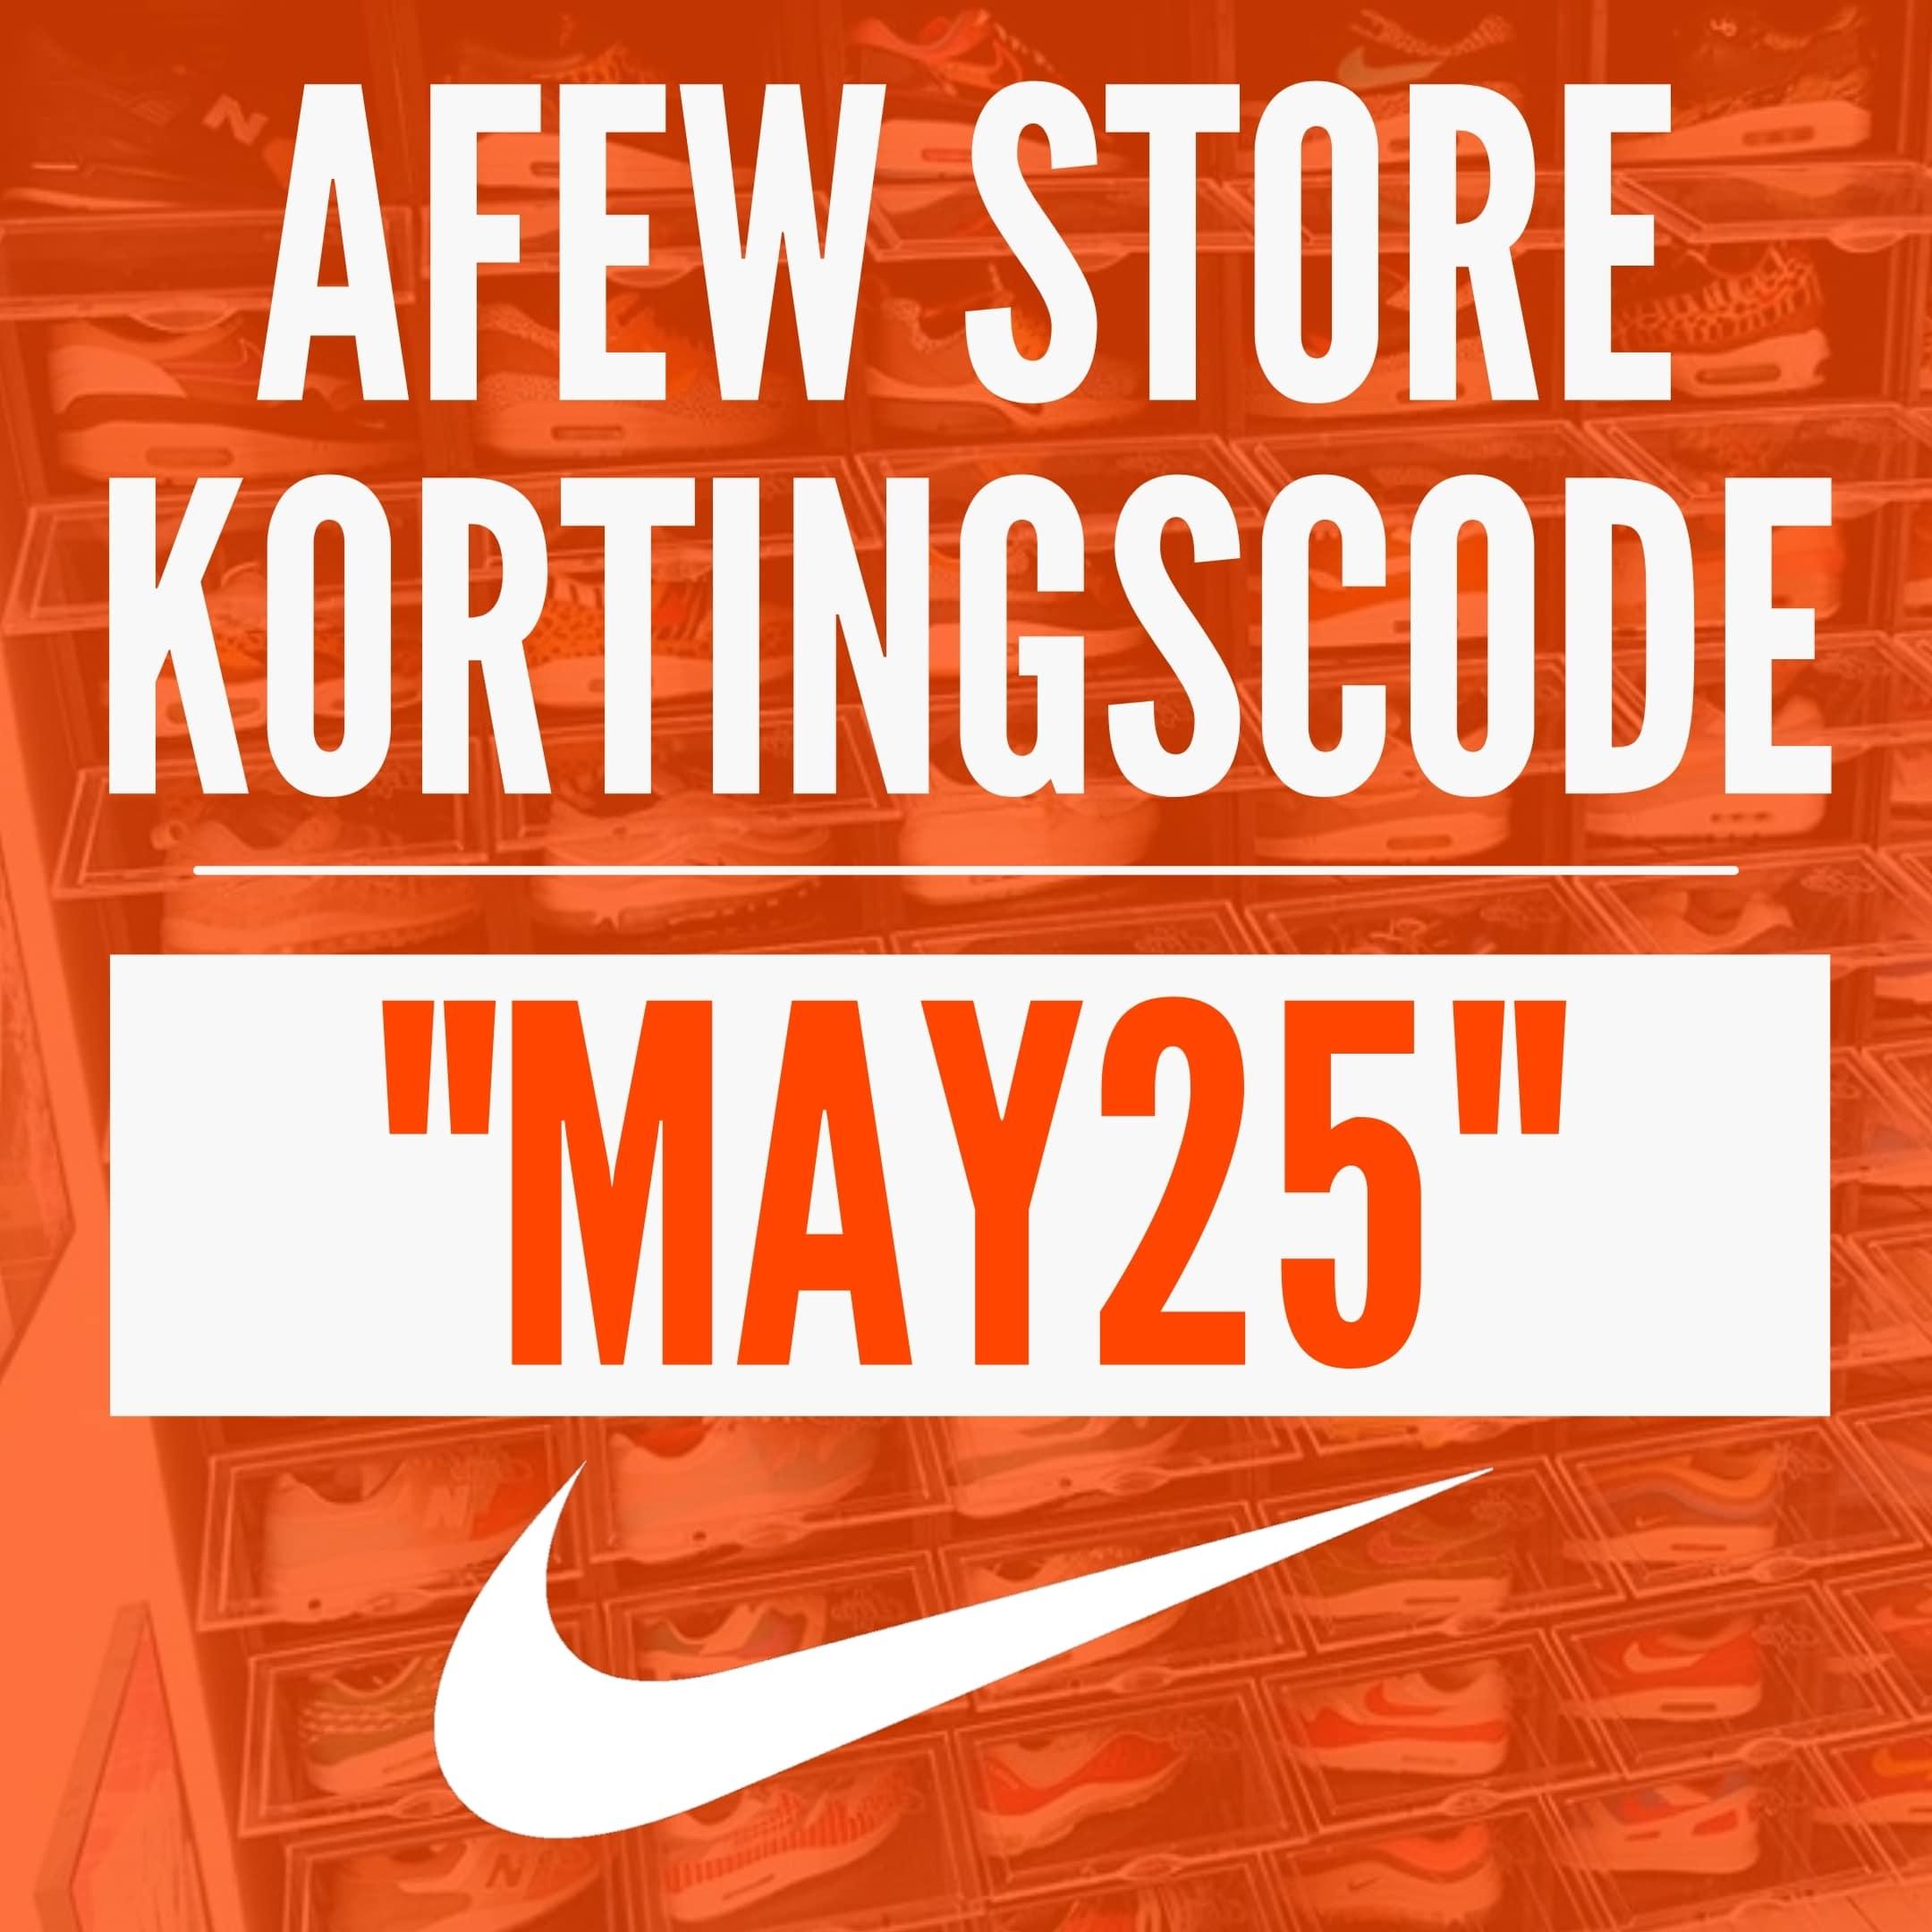 AFEW Store kortingscode